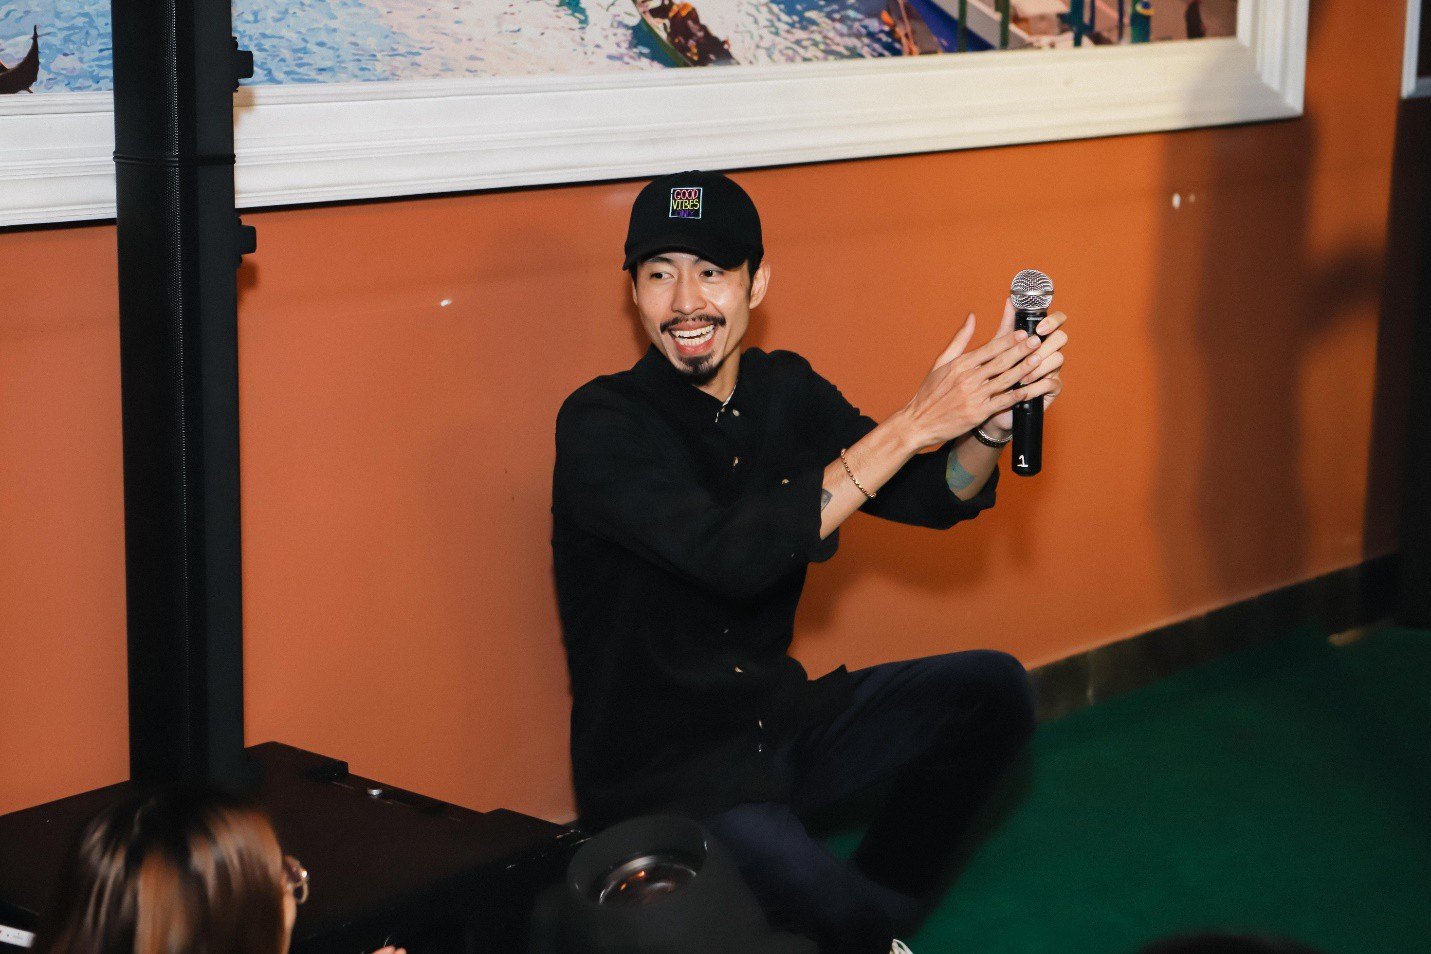 Đen Vâu góp mặt trong sự kiện ra mắt pizza mới khiến fan đi từ bất ngờ đến phấn khích tột đỉnh - Ảnh 4.